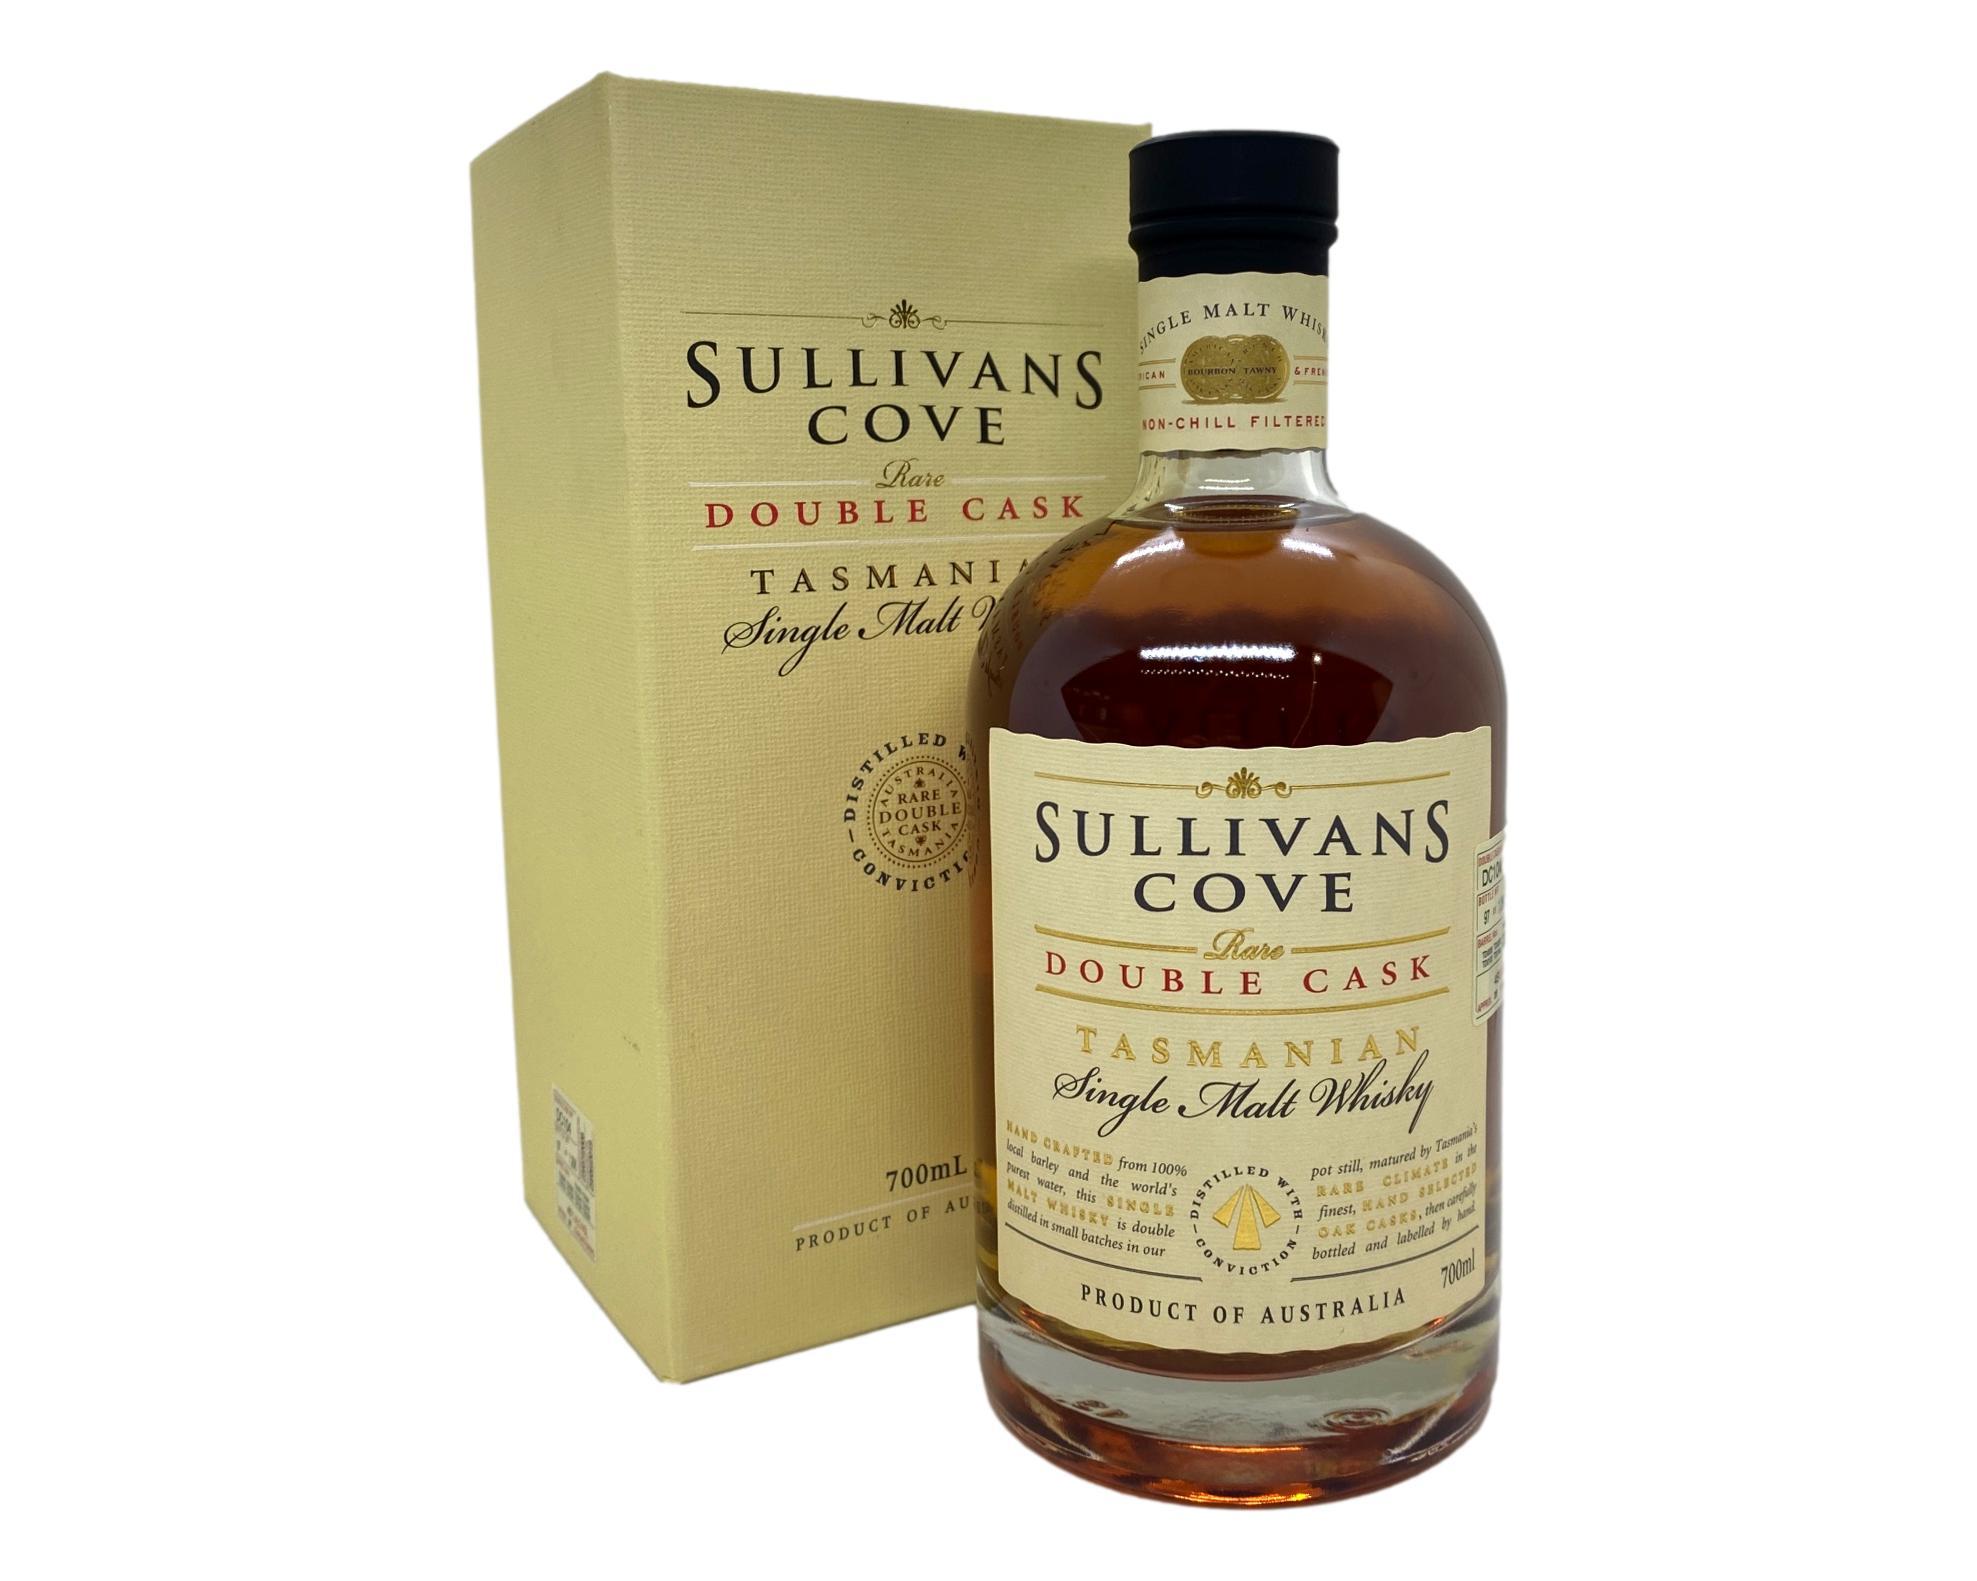 Sullivans Cove Double Cask Single Malt Whisky 700mL (Barrel No. DC104) @ 45% abv